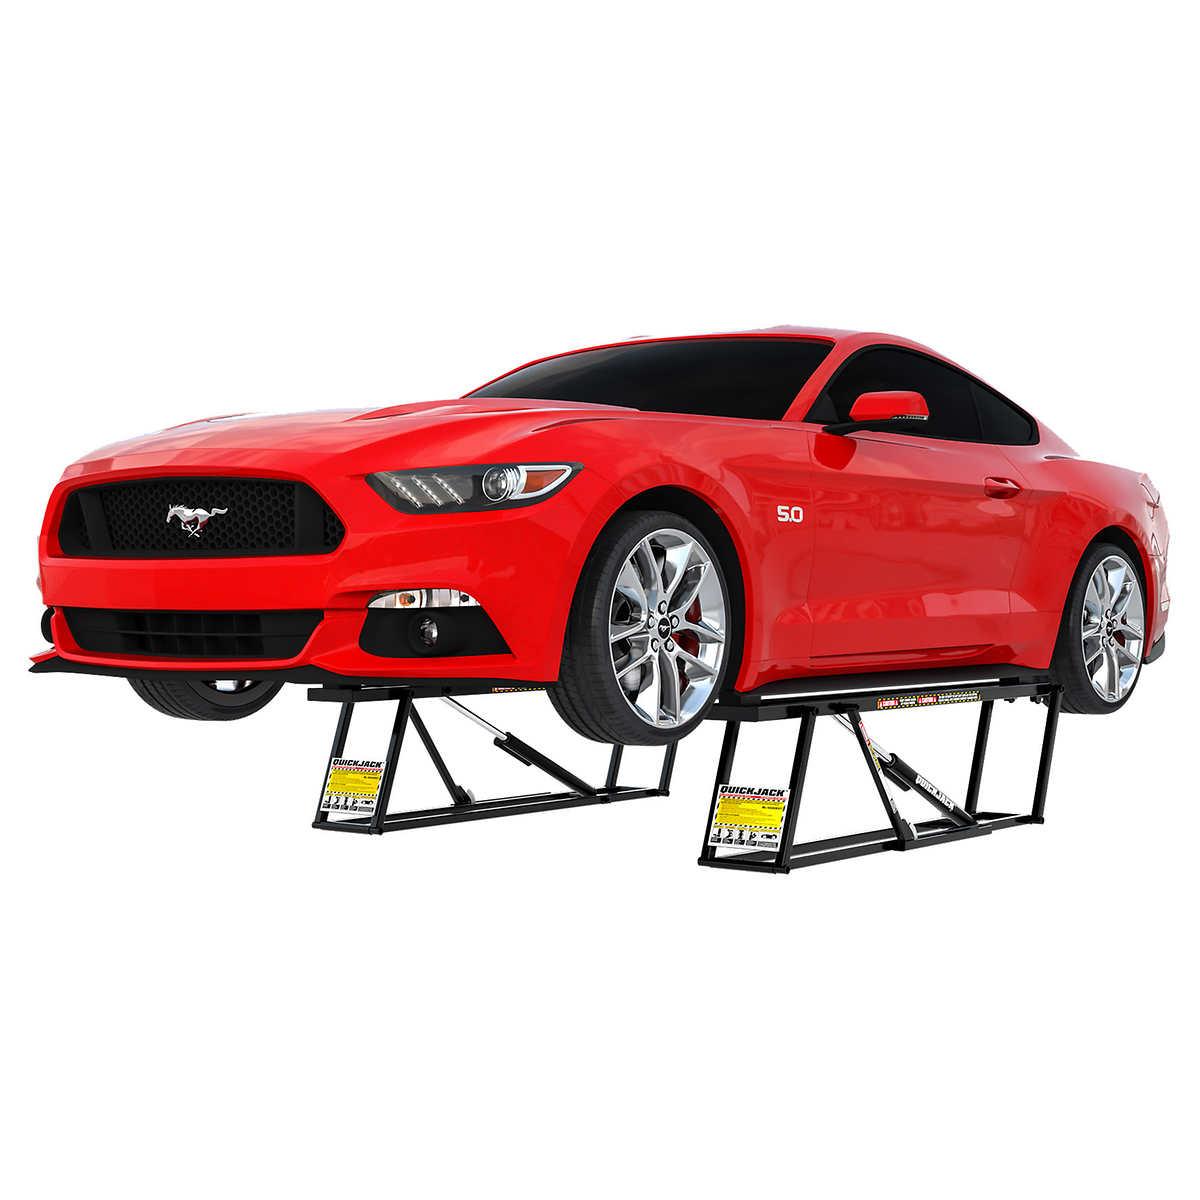 QuickJack 5,000-LB Capacity Portable Car Lift for $999.99 ...